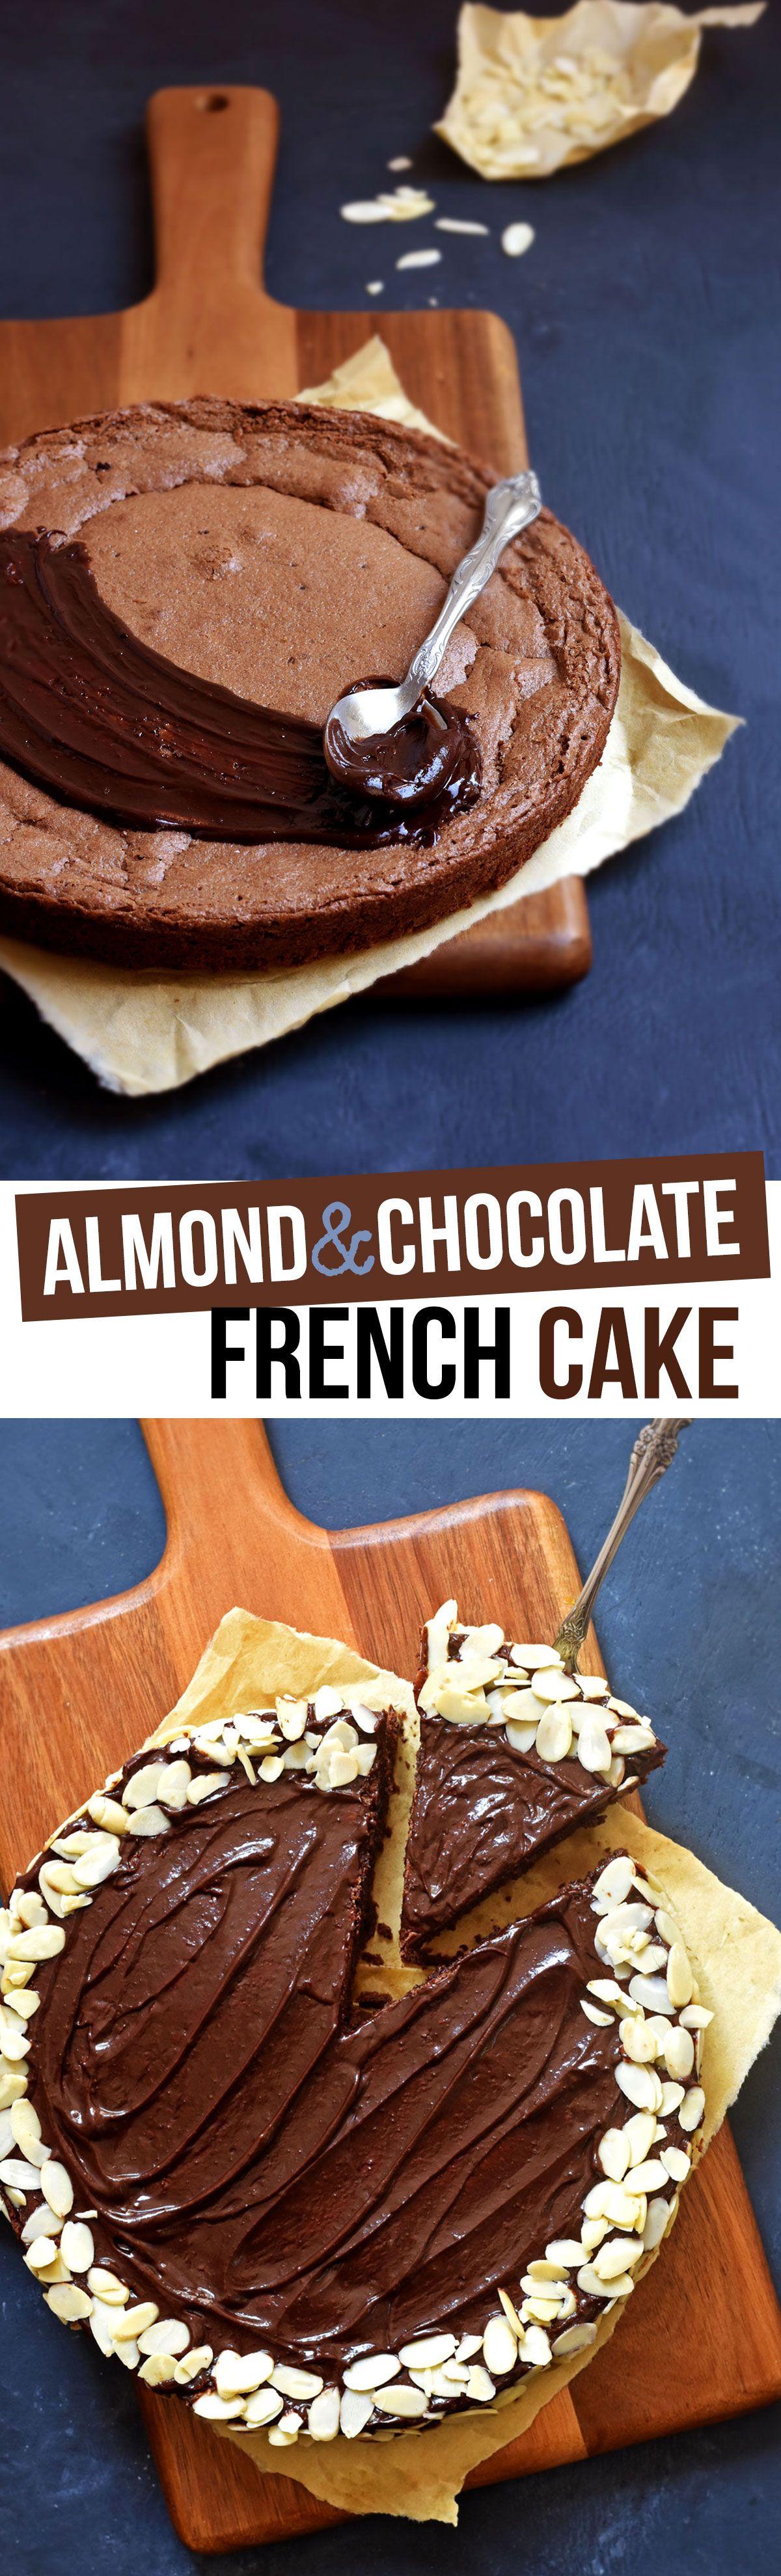 Erkunde Schokoladen mandel kuchen und noch mehr